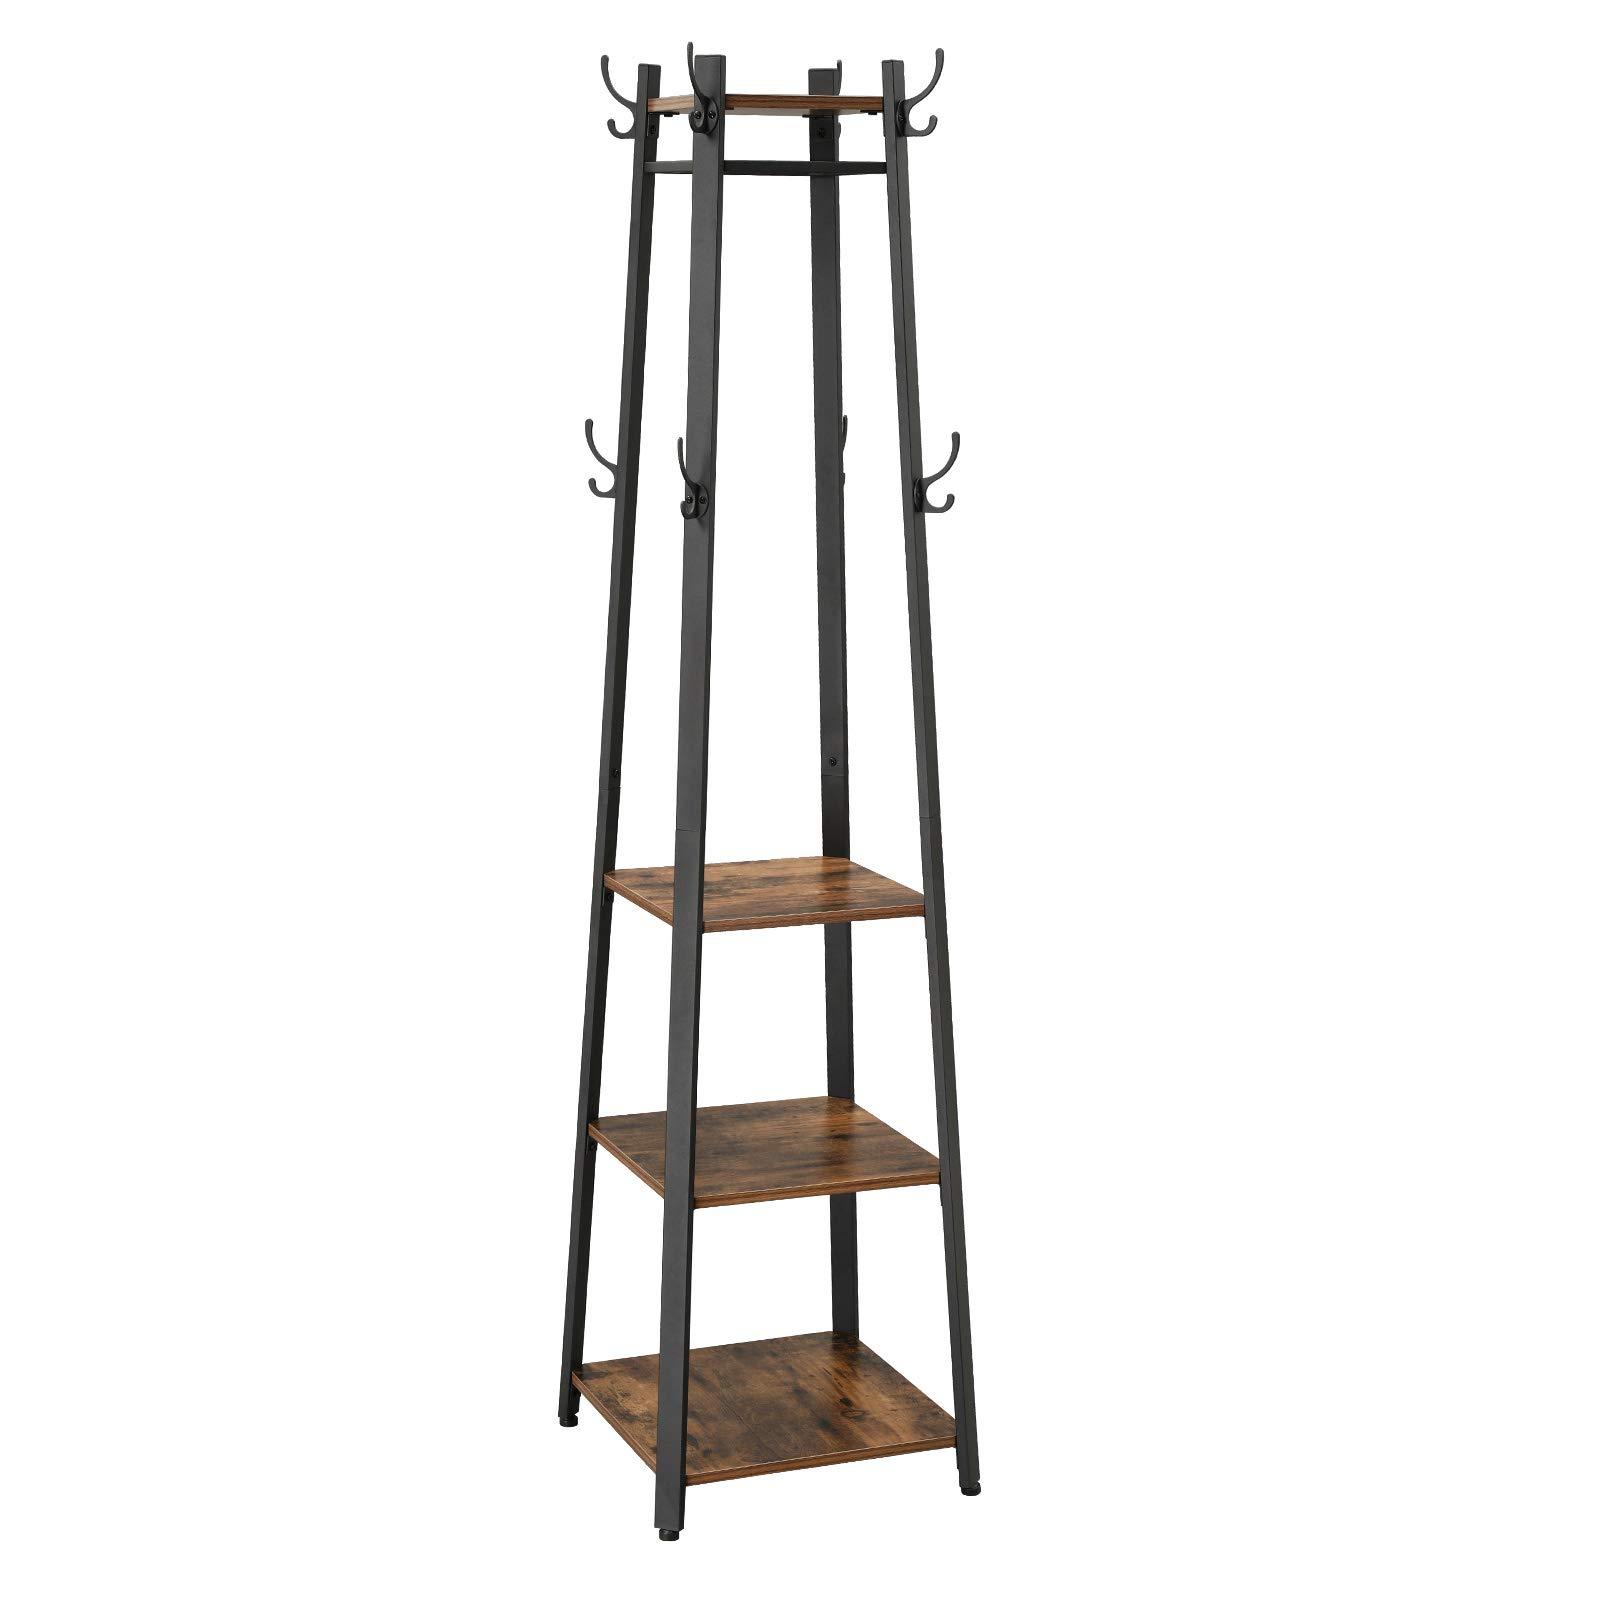 VASAGLE Perchero de Estilo Industrial, Perchero de Pie con 3 Estantes, en Forma de Escalera con ganchos y Barra, Marco de metal LCR80X: Amazon.es: Electrónica